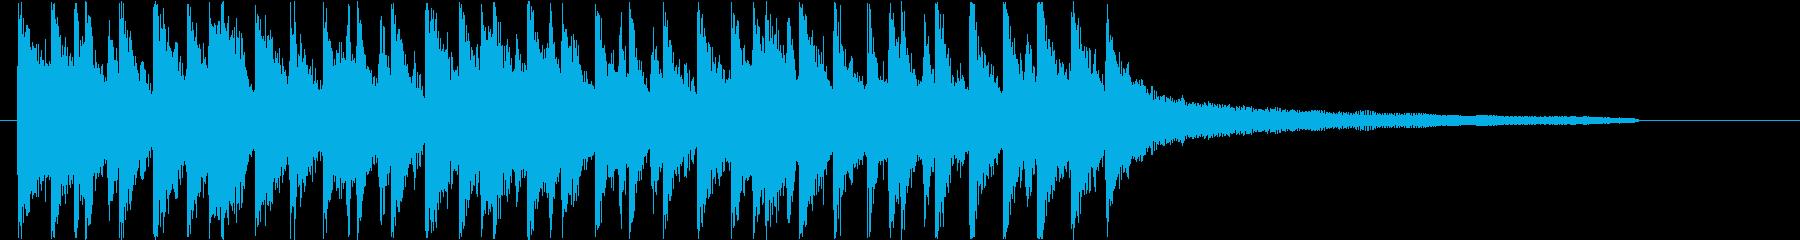 ポップでハッピーなカントリーロゴ♪の再生済みの波形